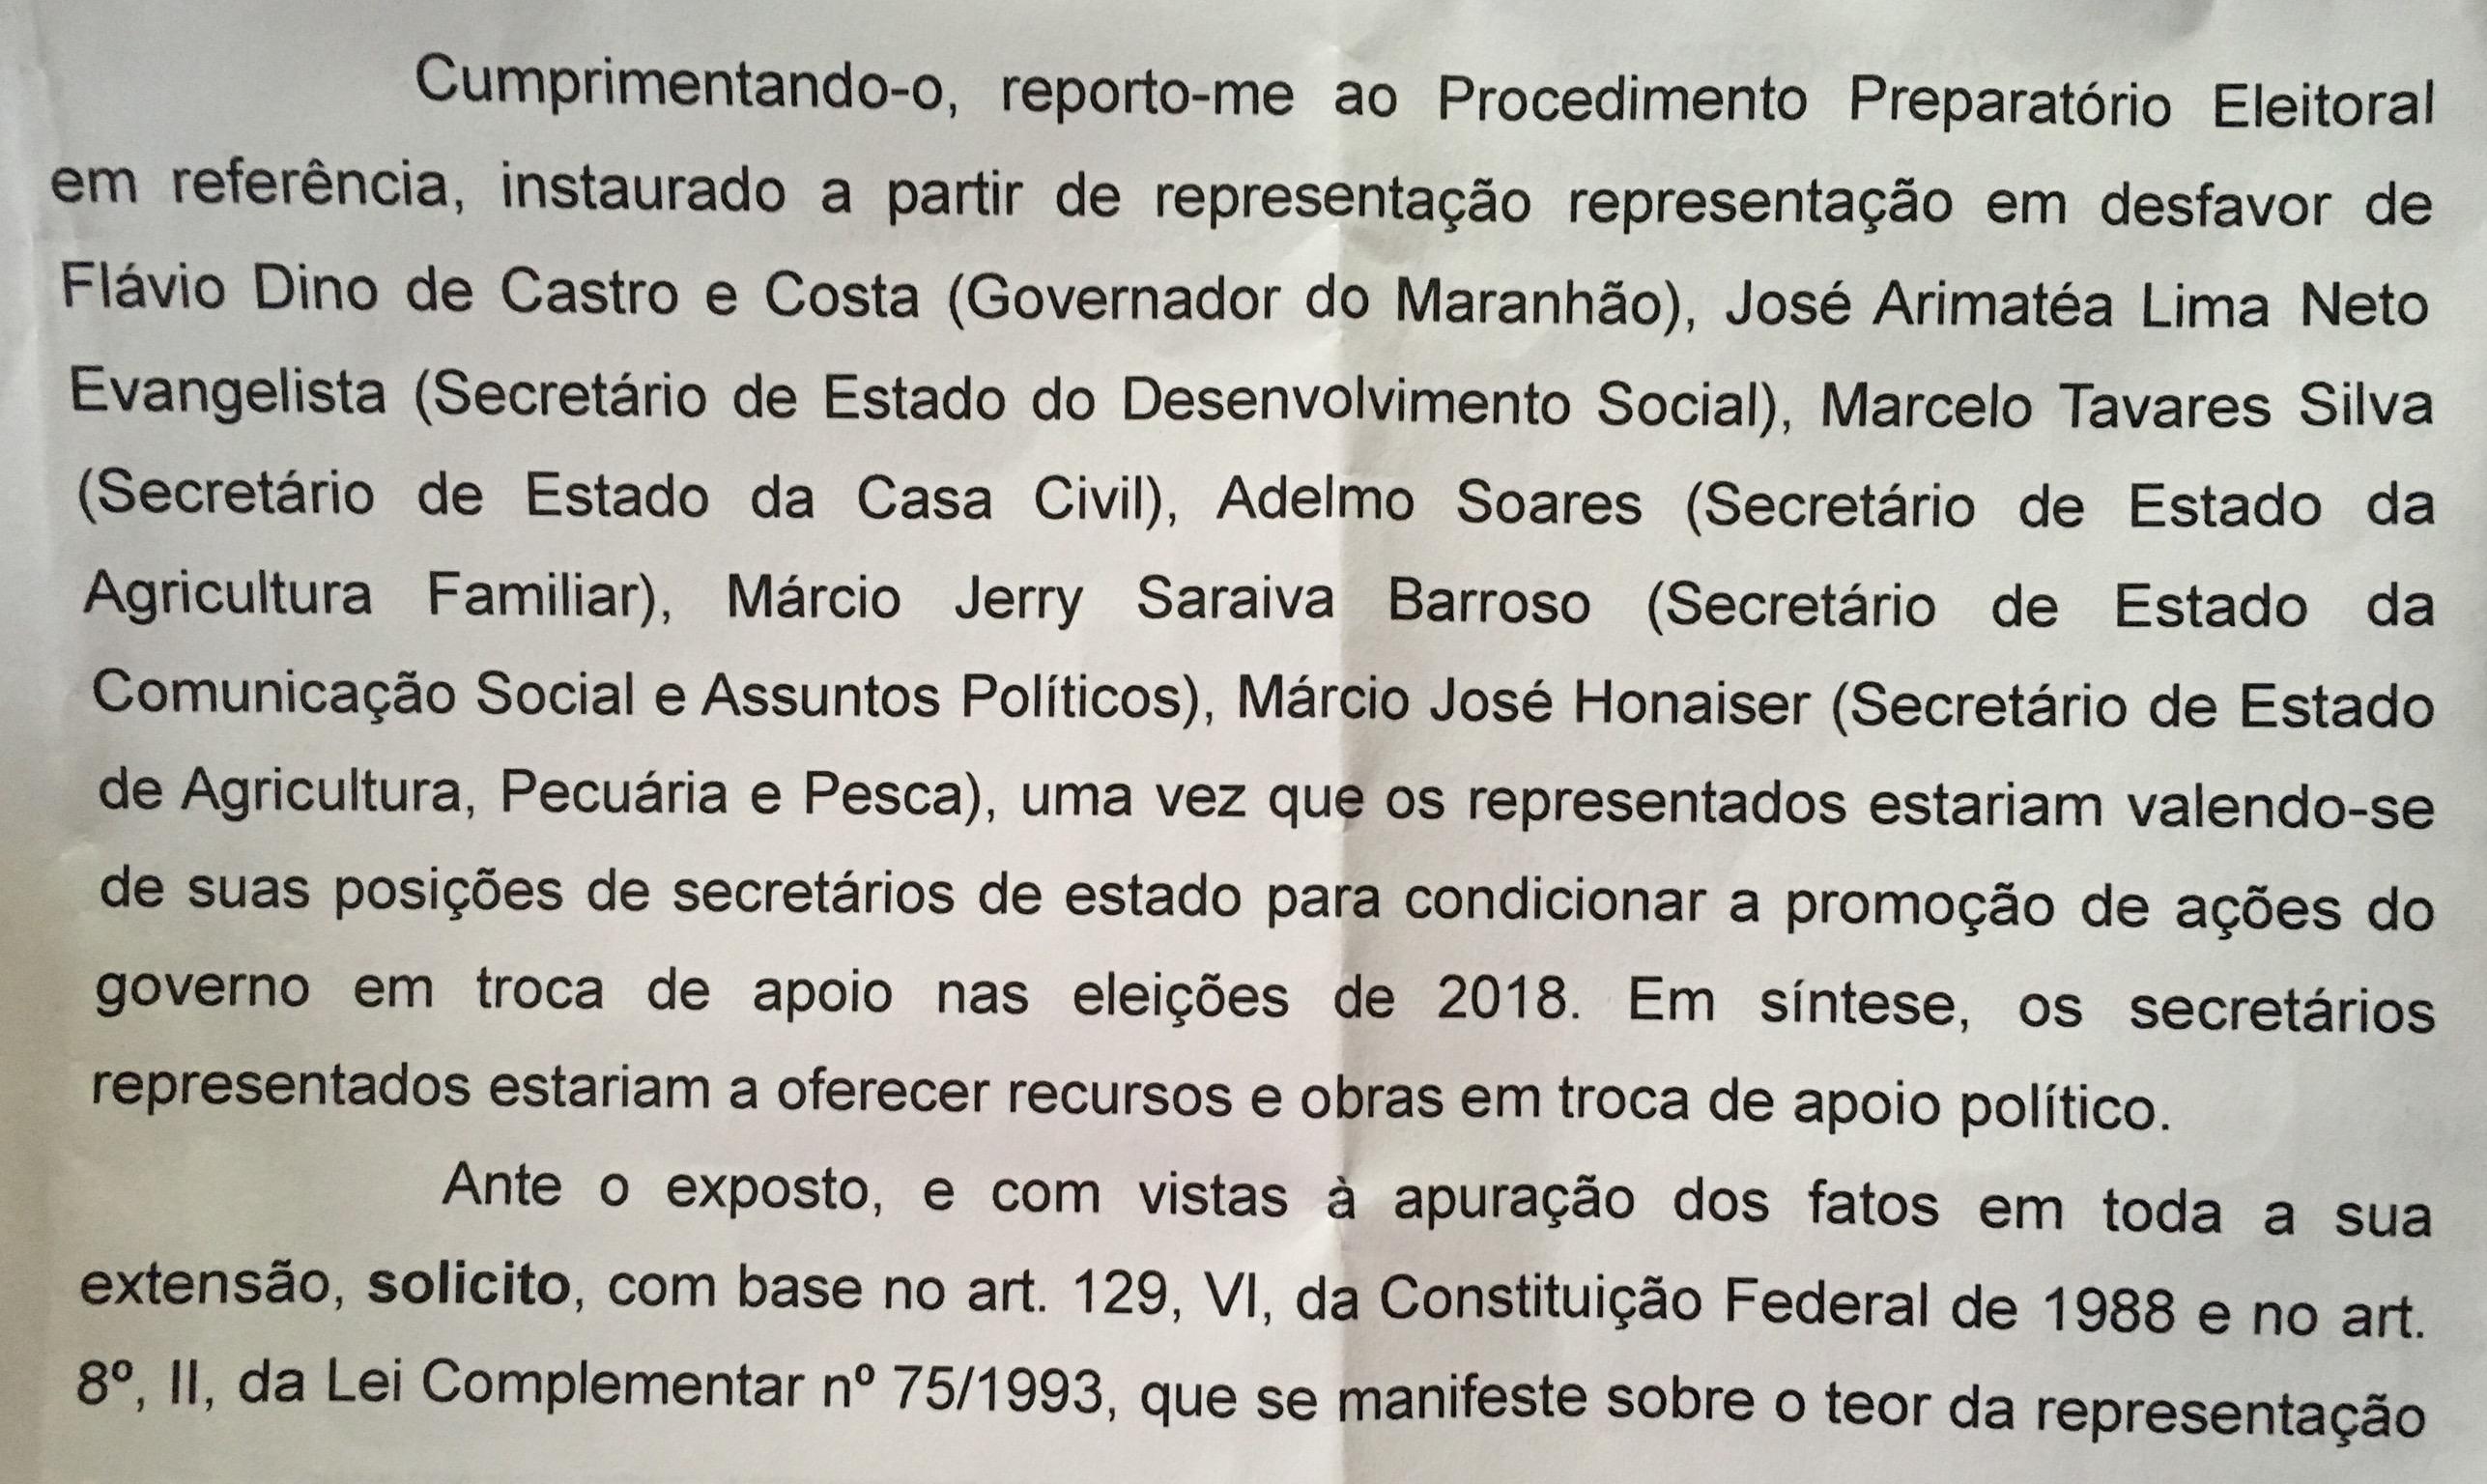 Documento obtido pelo blog mostra os nomes dos secretários e governador que são alvo de investigação.